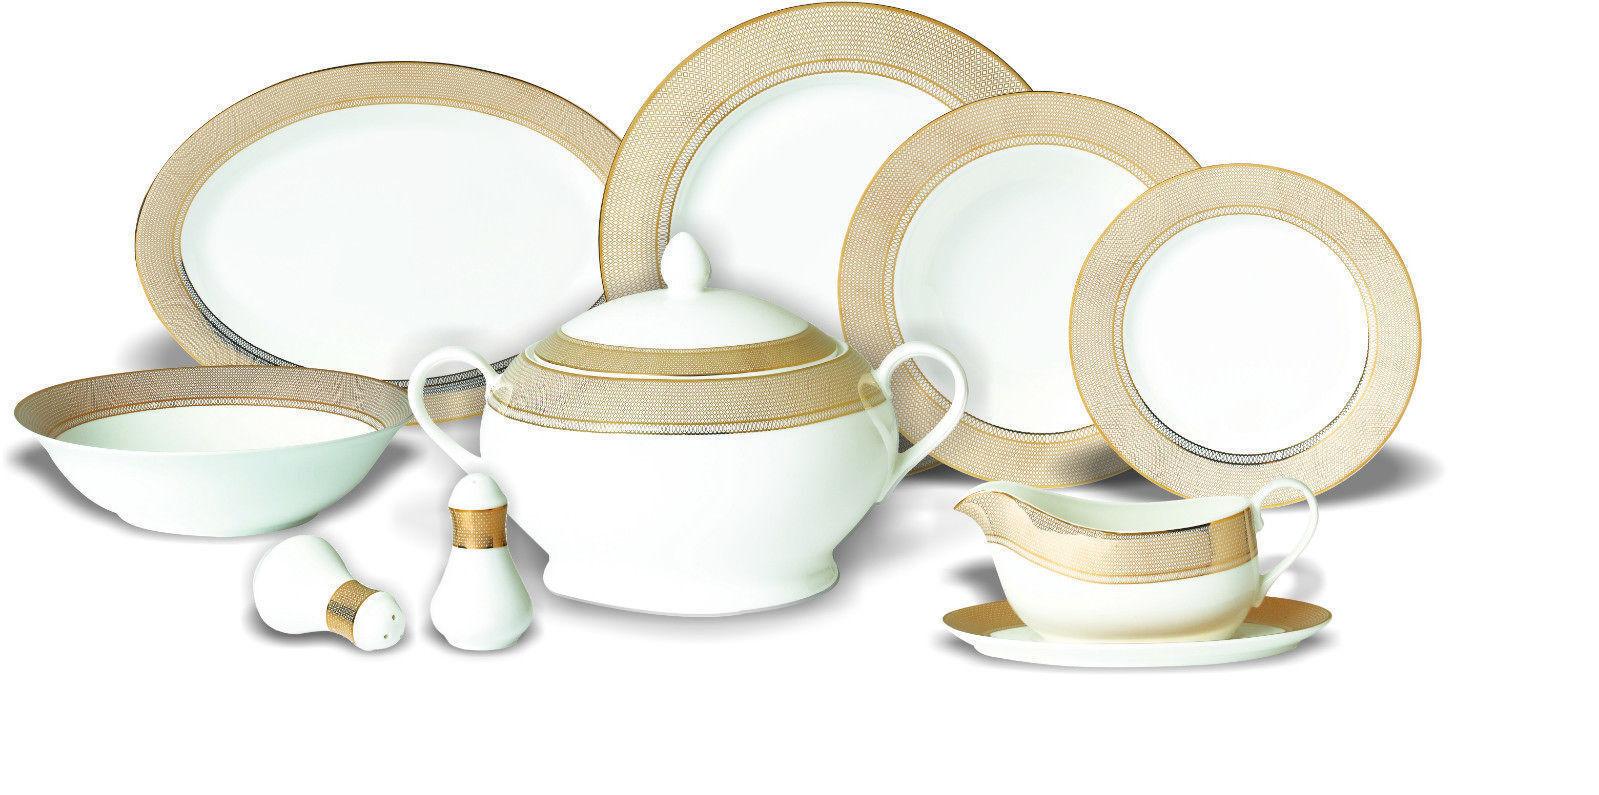 42 Pièces Porcelaine De Table Cuisine Table Service L'Assiet Céramique or